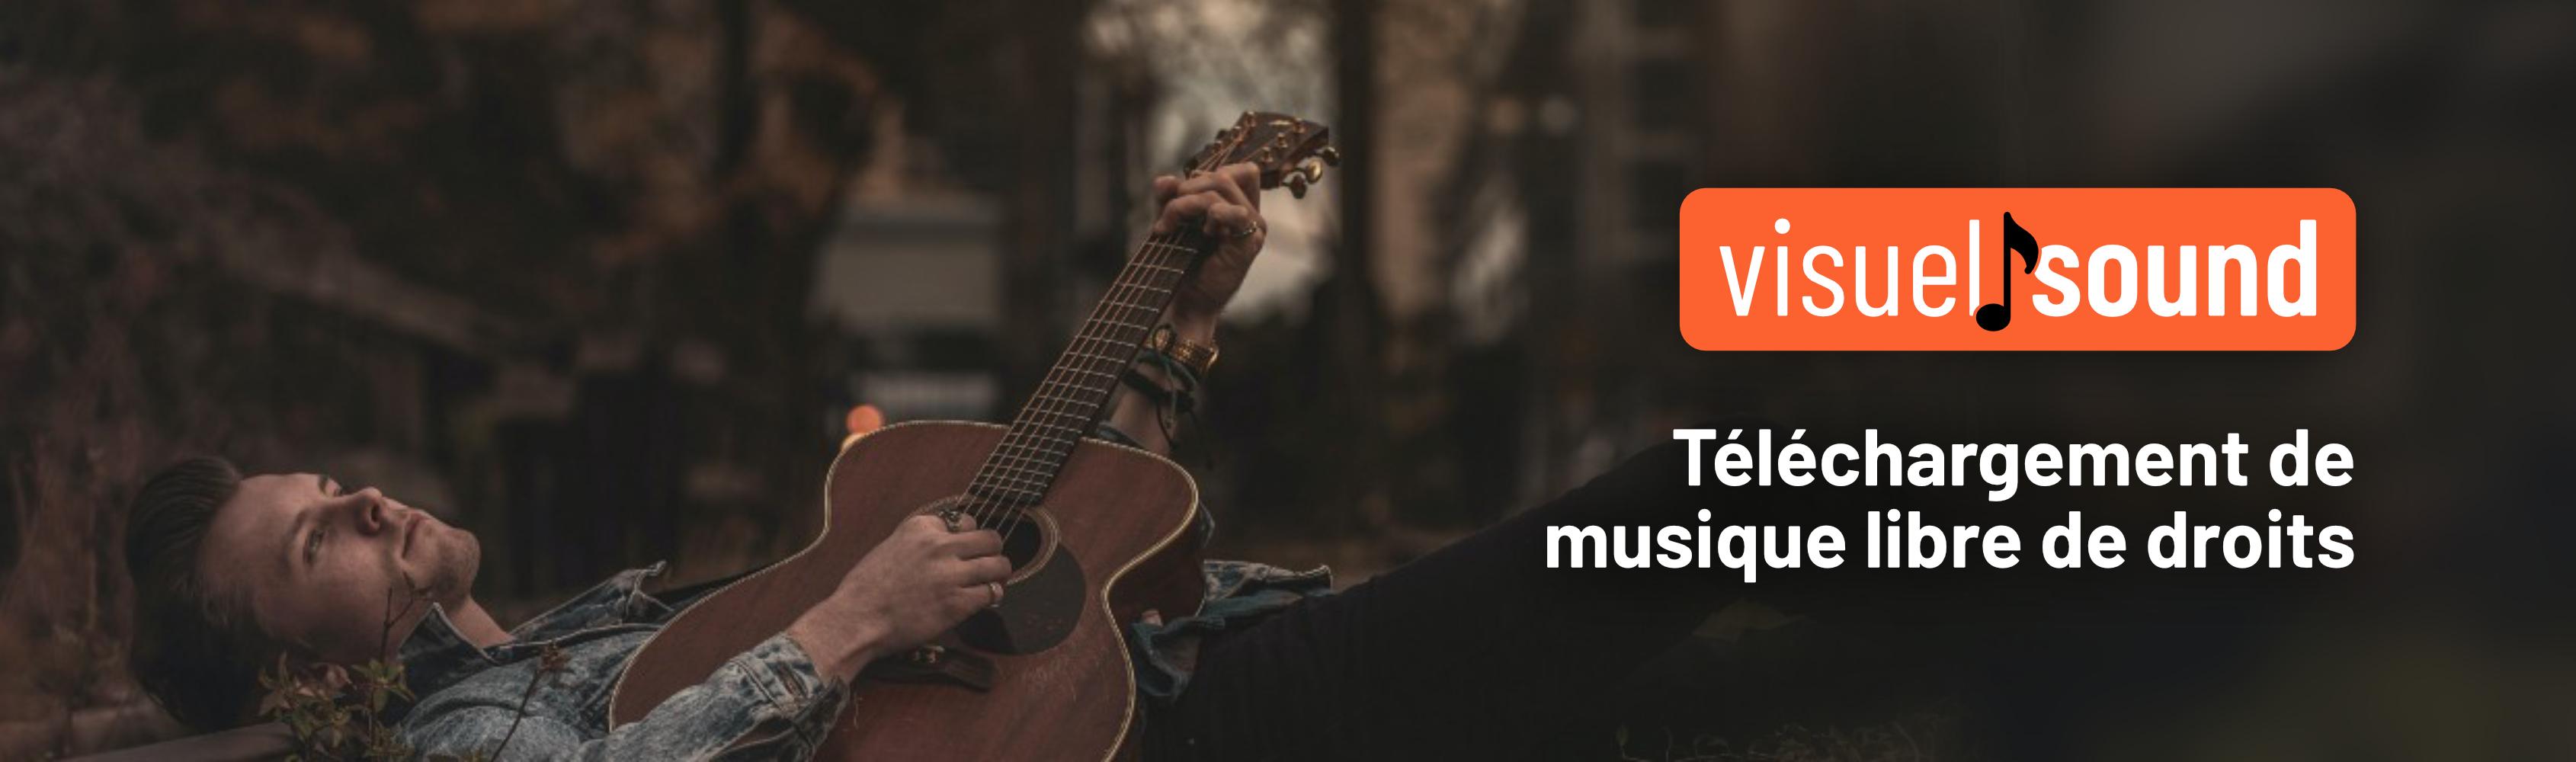 Third slide, un guitariste folk joue allongé sur ligne de train abondonné avec un message indique Téléchargement de musique libre de droit